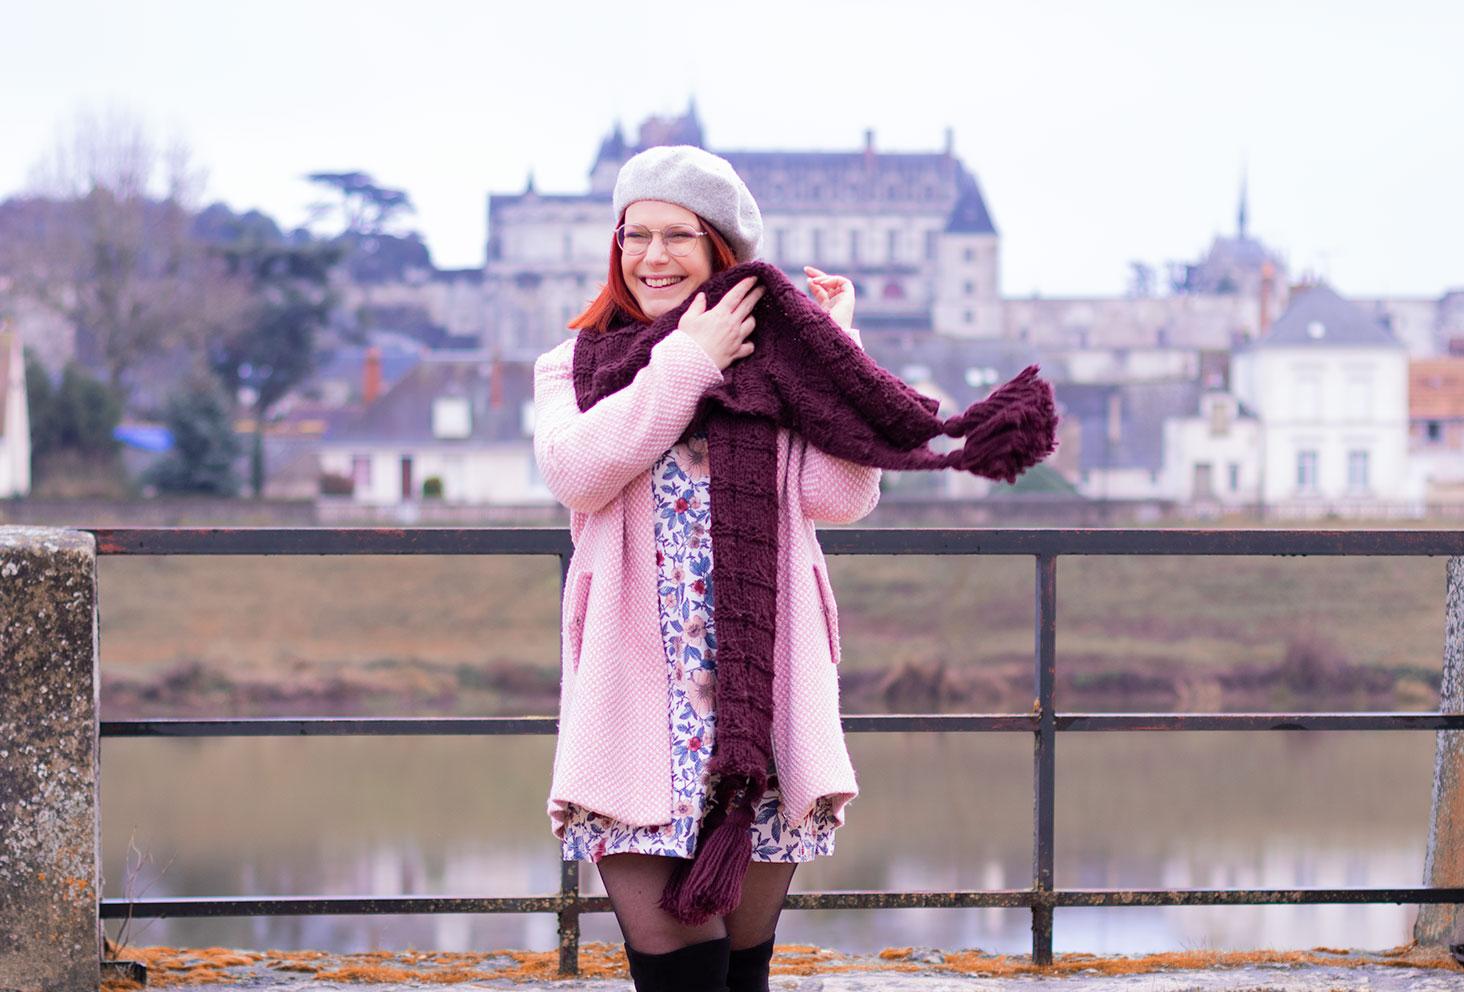 Devant le château d'Amboise, en train de remettre l'écharpe en laine bordeaux sur le manteau rose